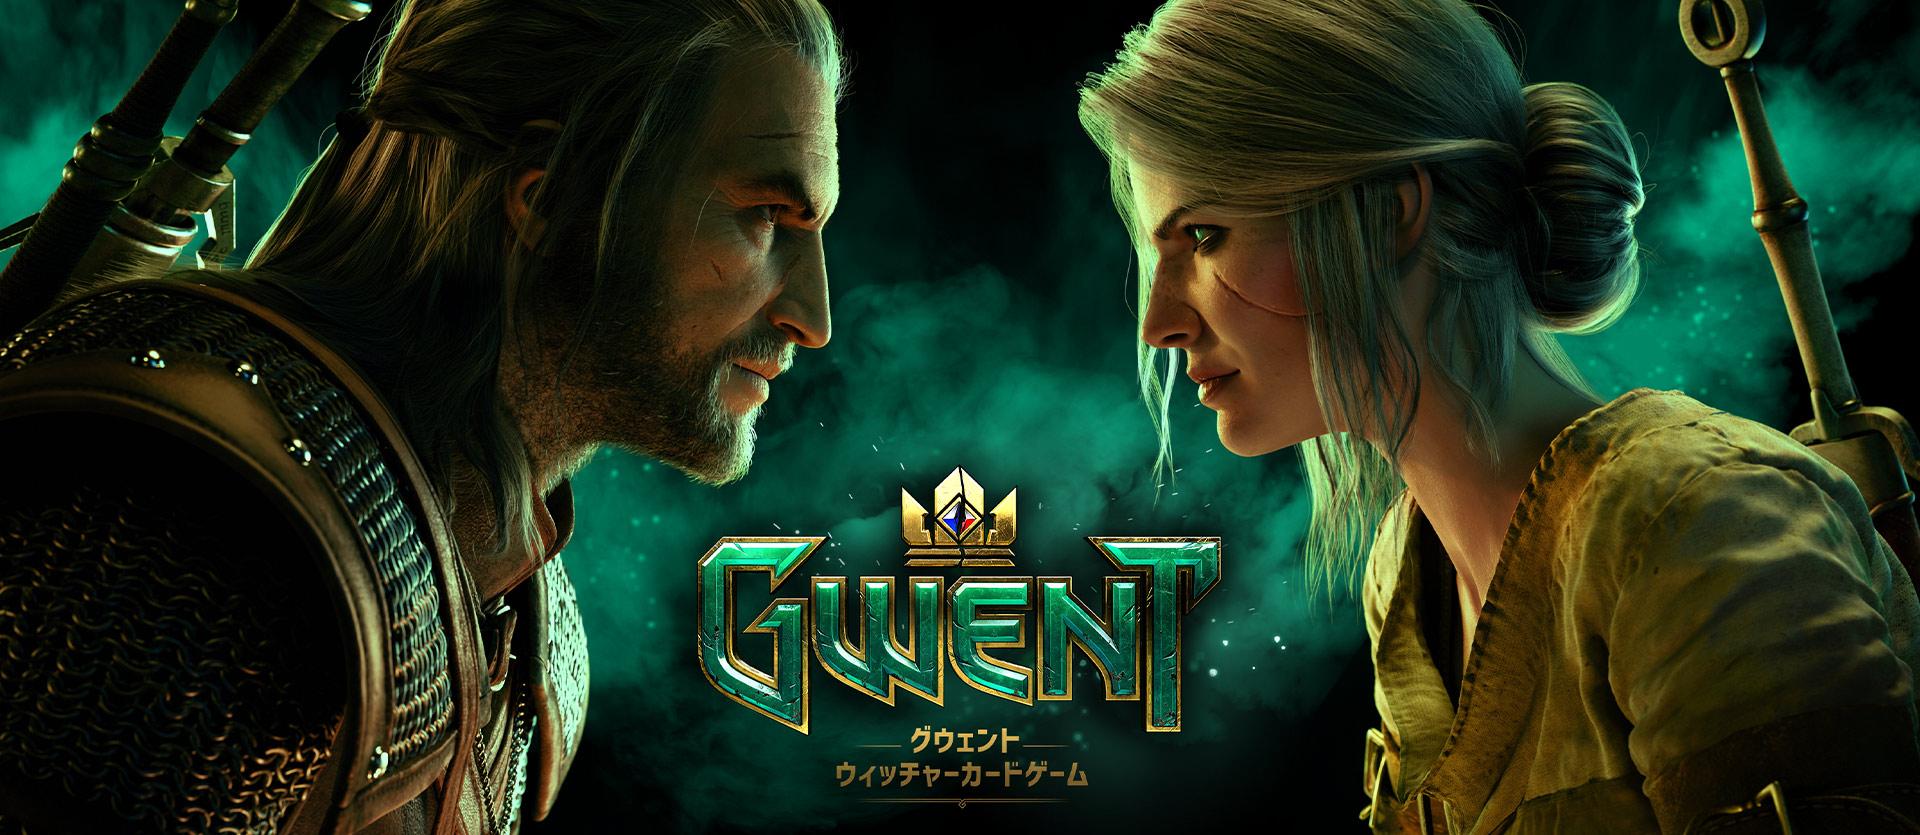 グウェント ウィッチャーカードゲーム、向かいあっている Geralt と Ciri のプロフィール表示